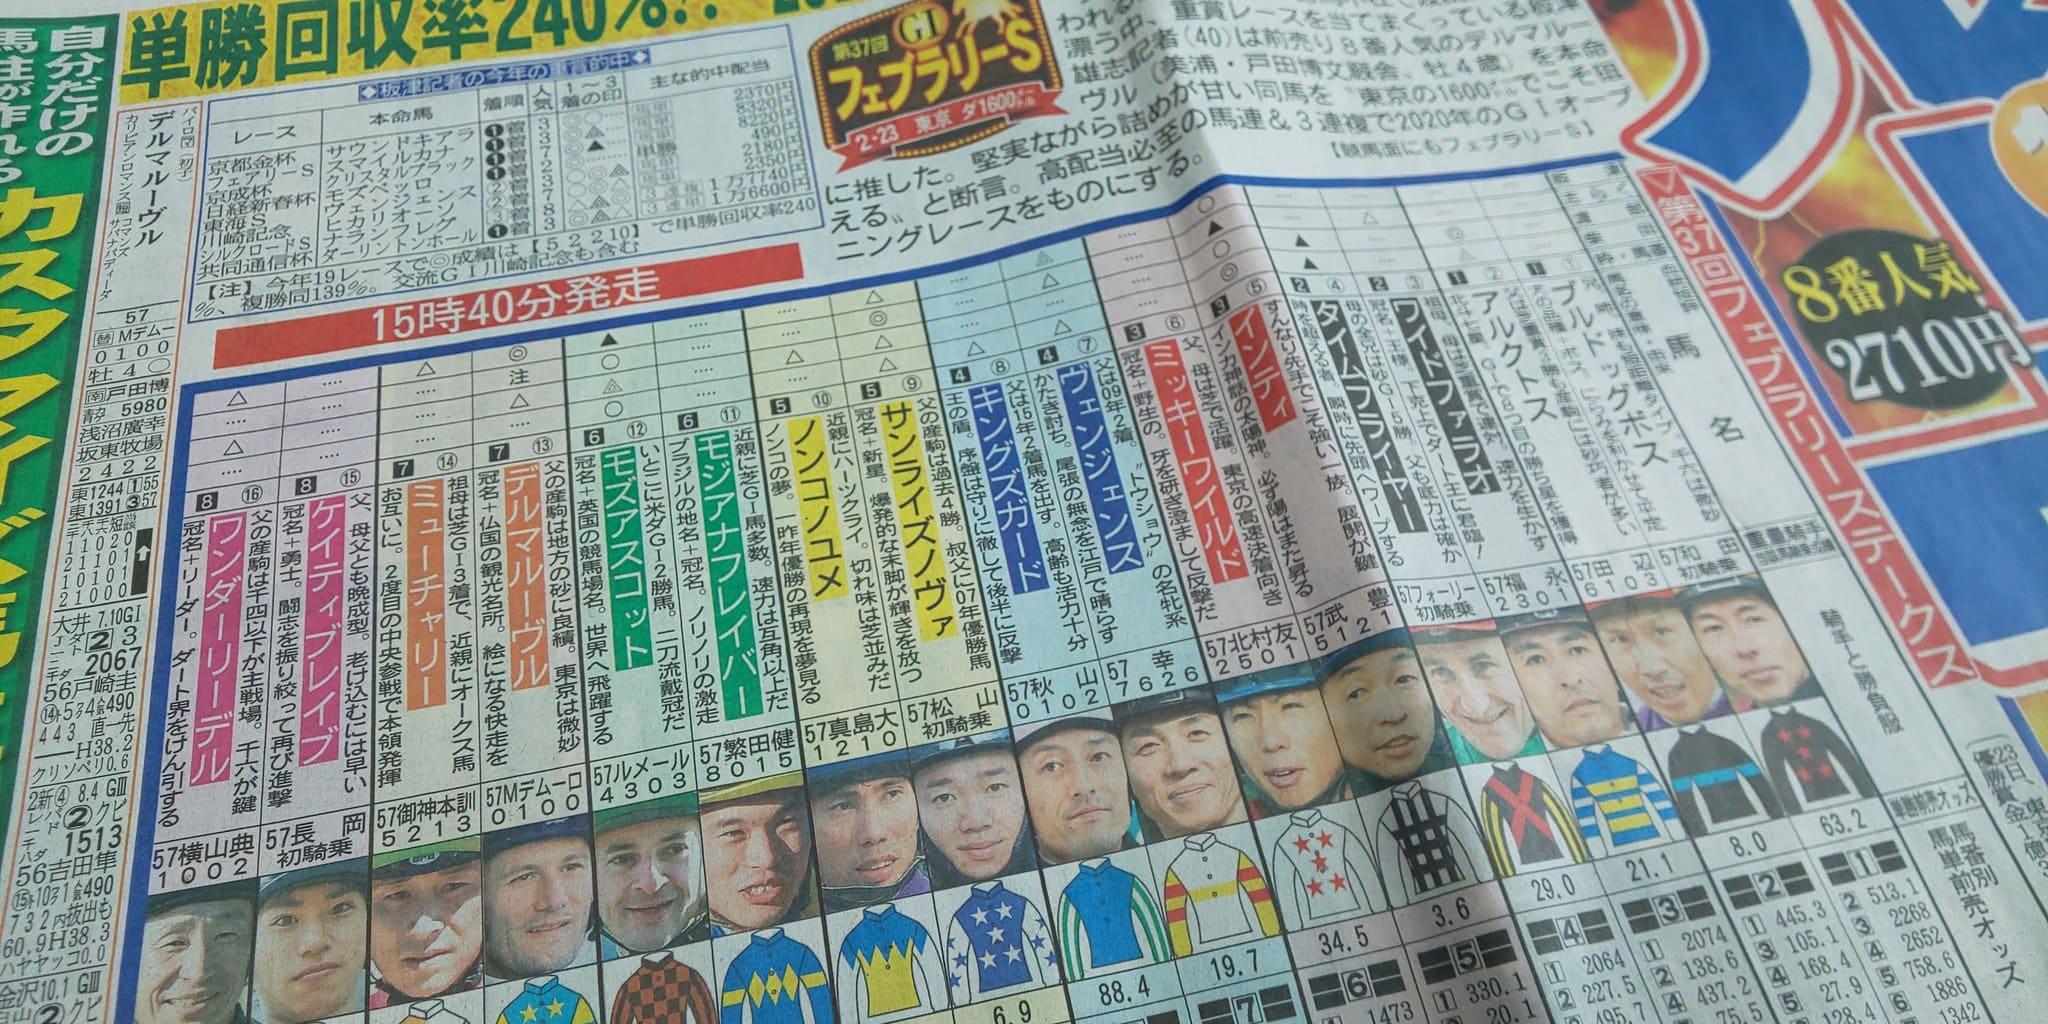 フェブラリーS 競馬新聞